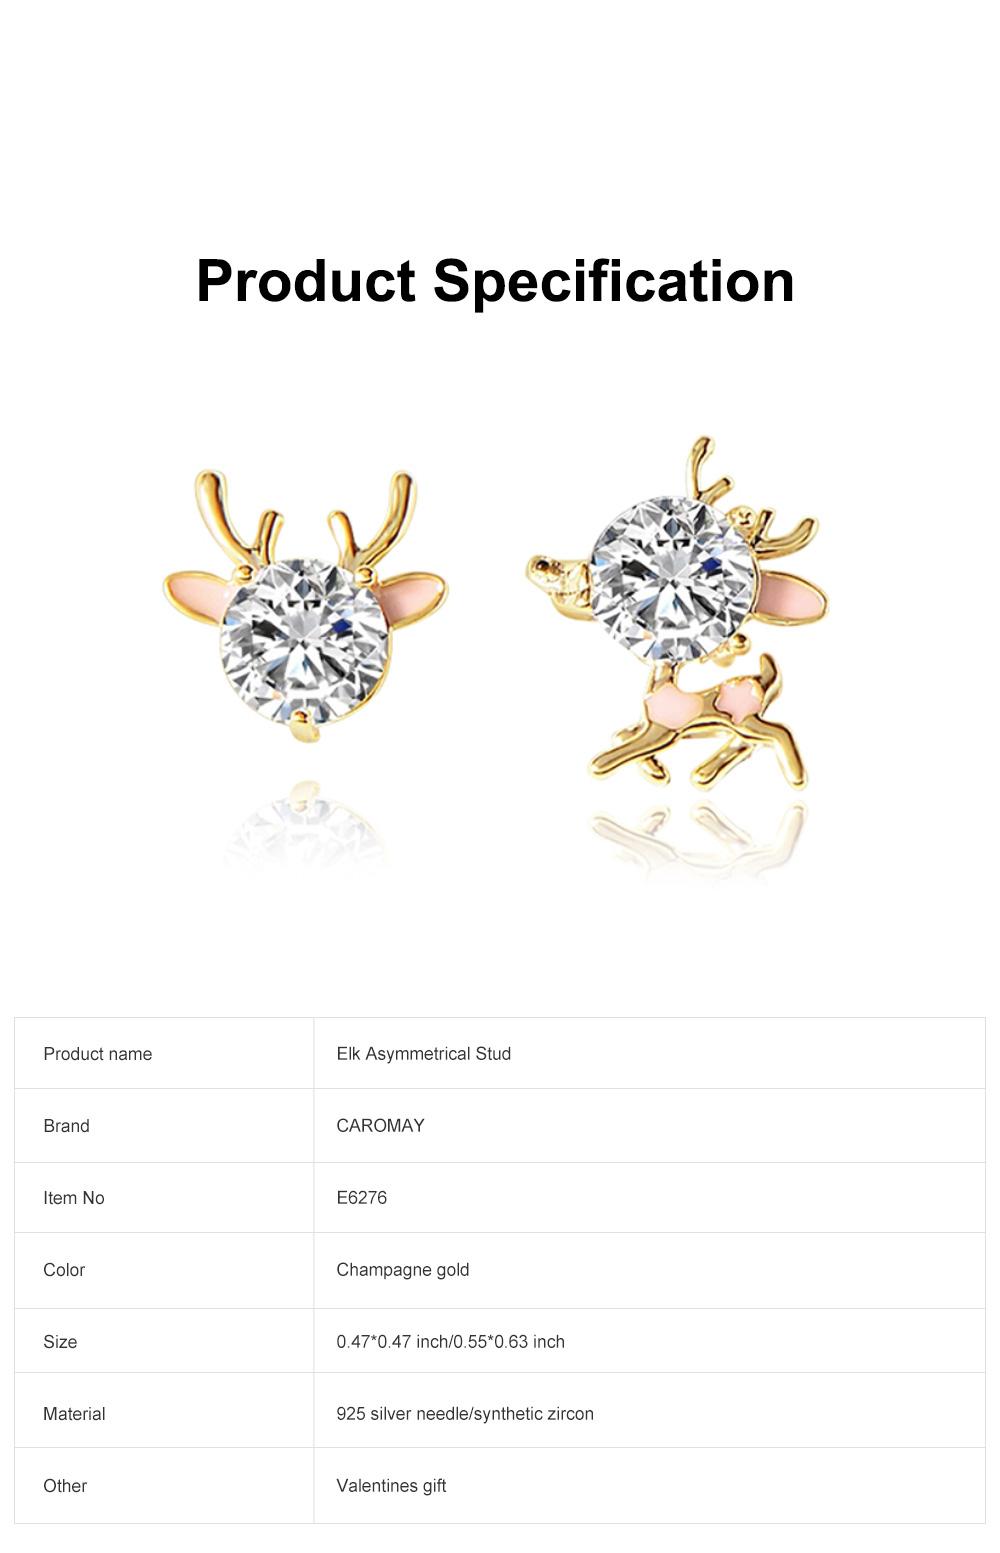 Cute Reindeer Earrings Studs for Women Asymmetrical Elk Stud Earrings Delicate 925 Silver Jewelry Earring Girls Gift 6